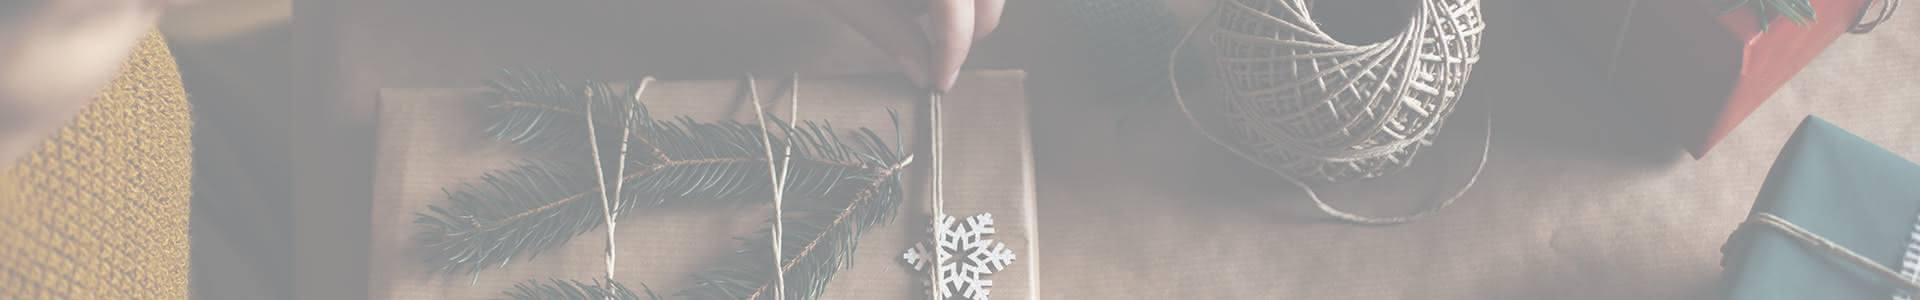 Regalos originales de Navidad en forma de flores y plantas